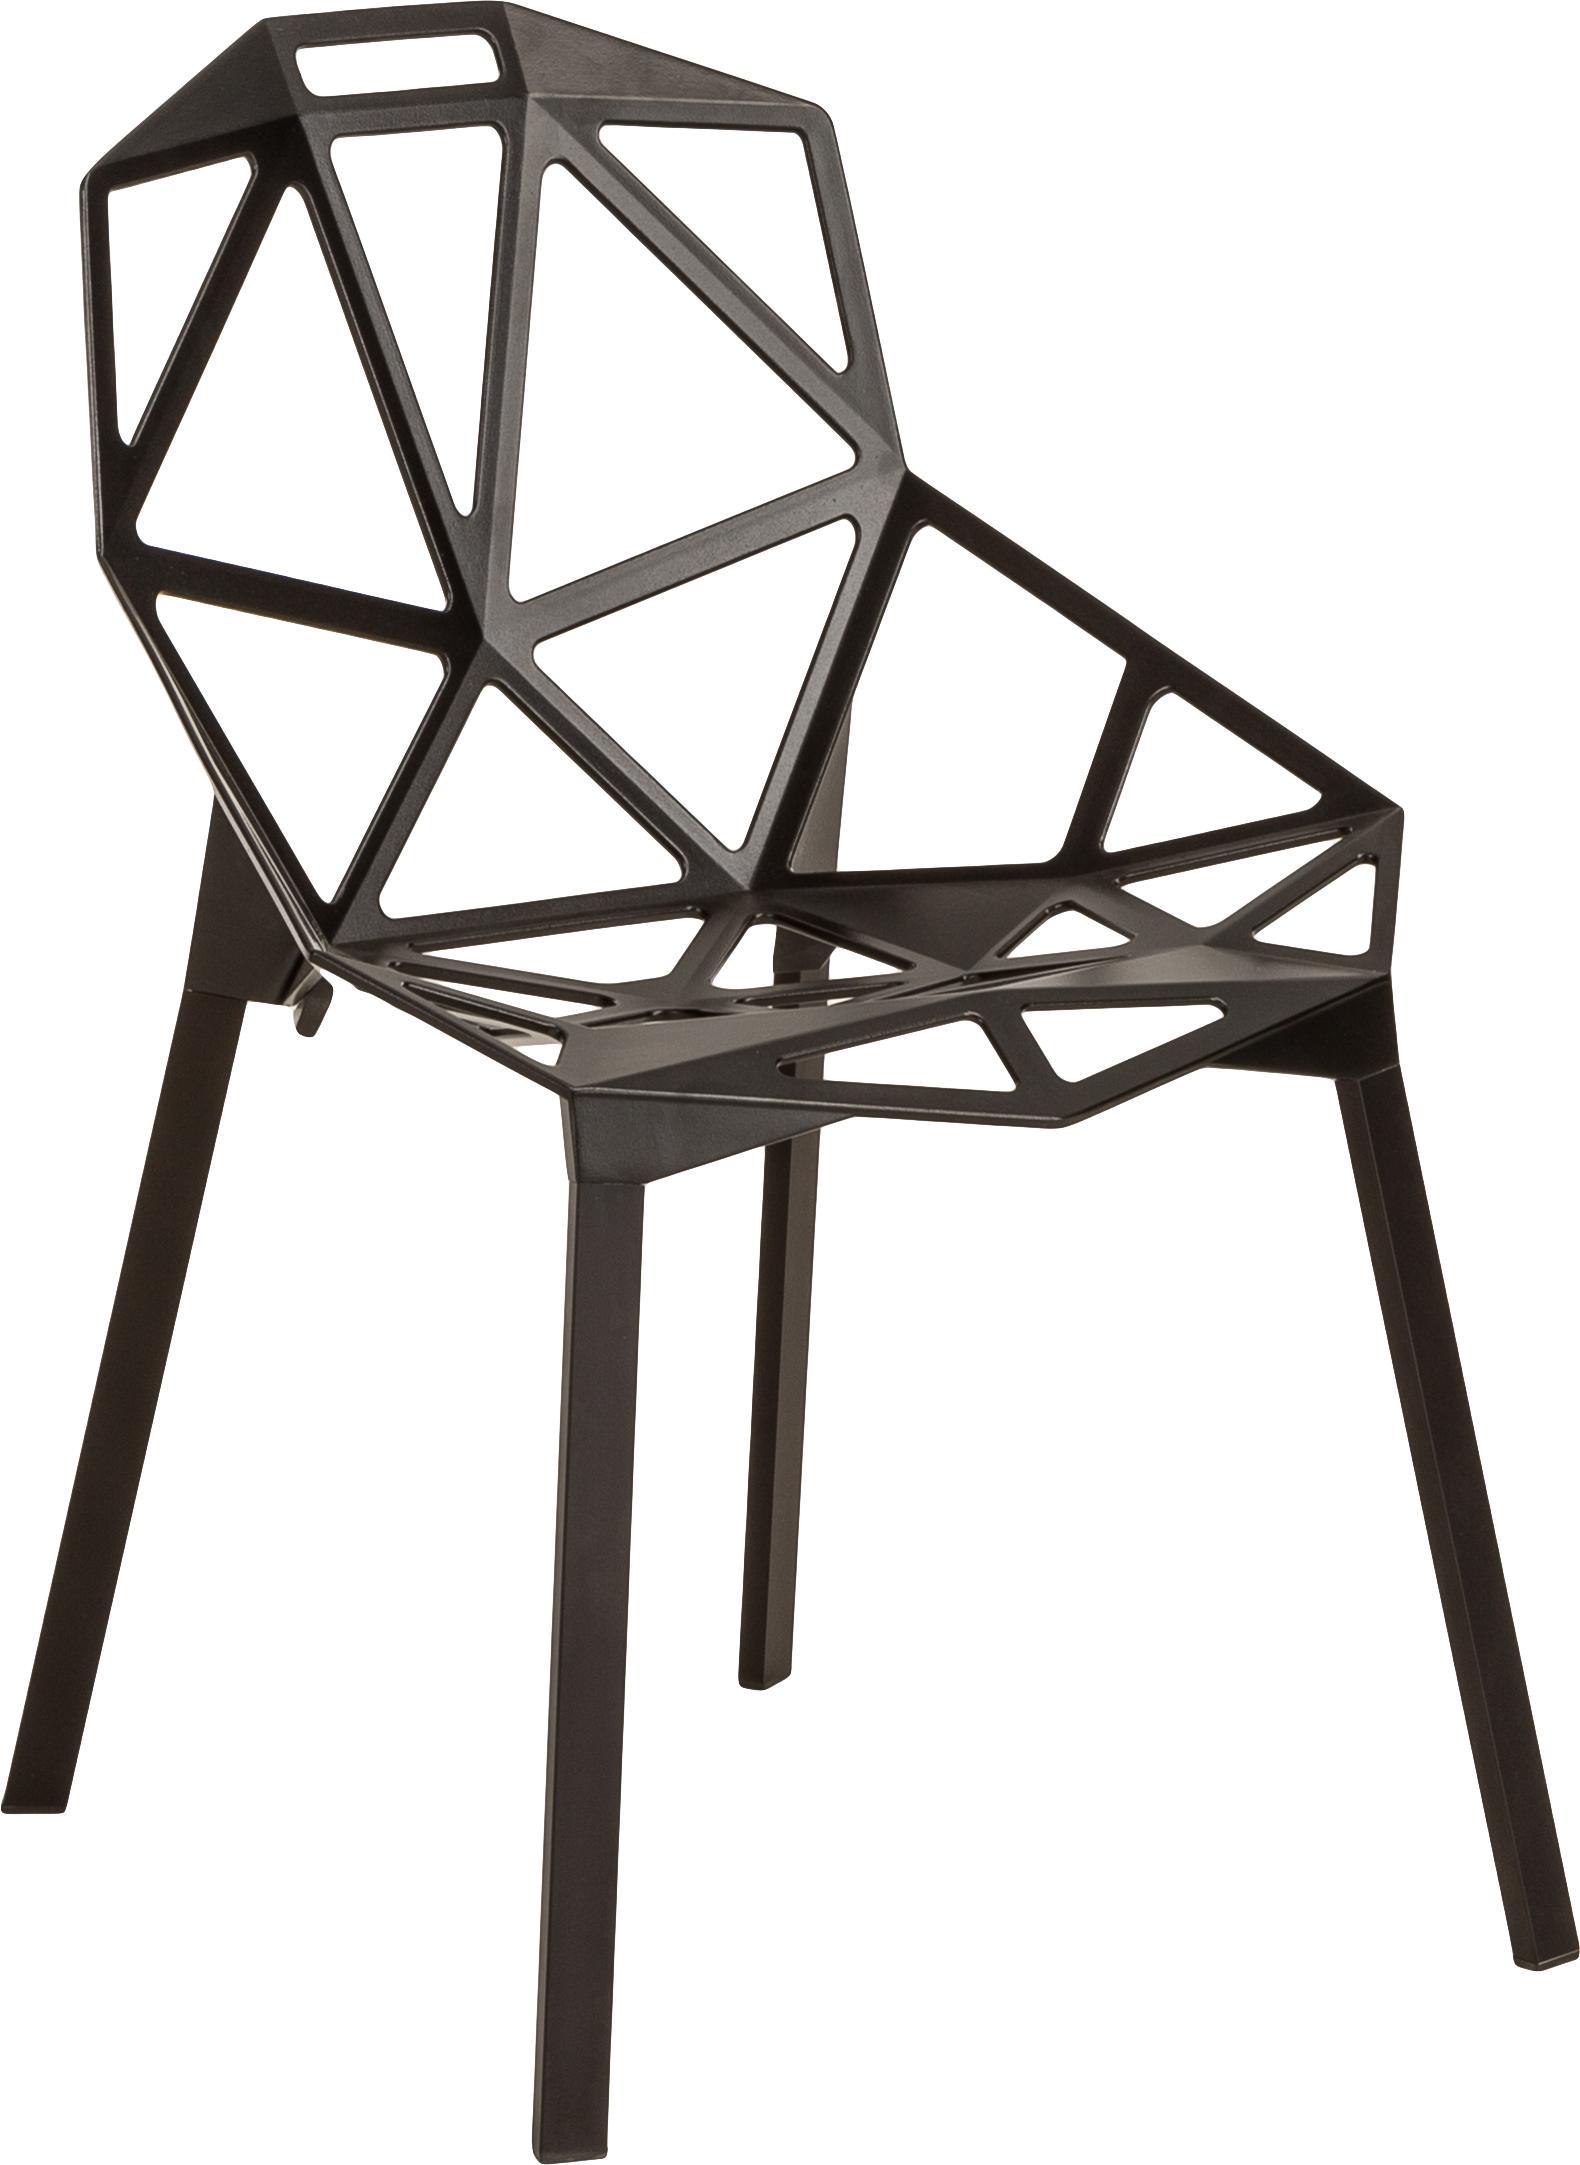 Krzesło z metalu Chair One, Aluminium z odlewu, lakierowane farbą poliestrową, Czarny, S 55 x W 82 cm